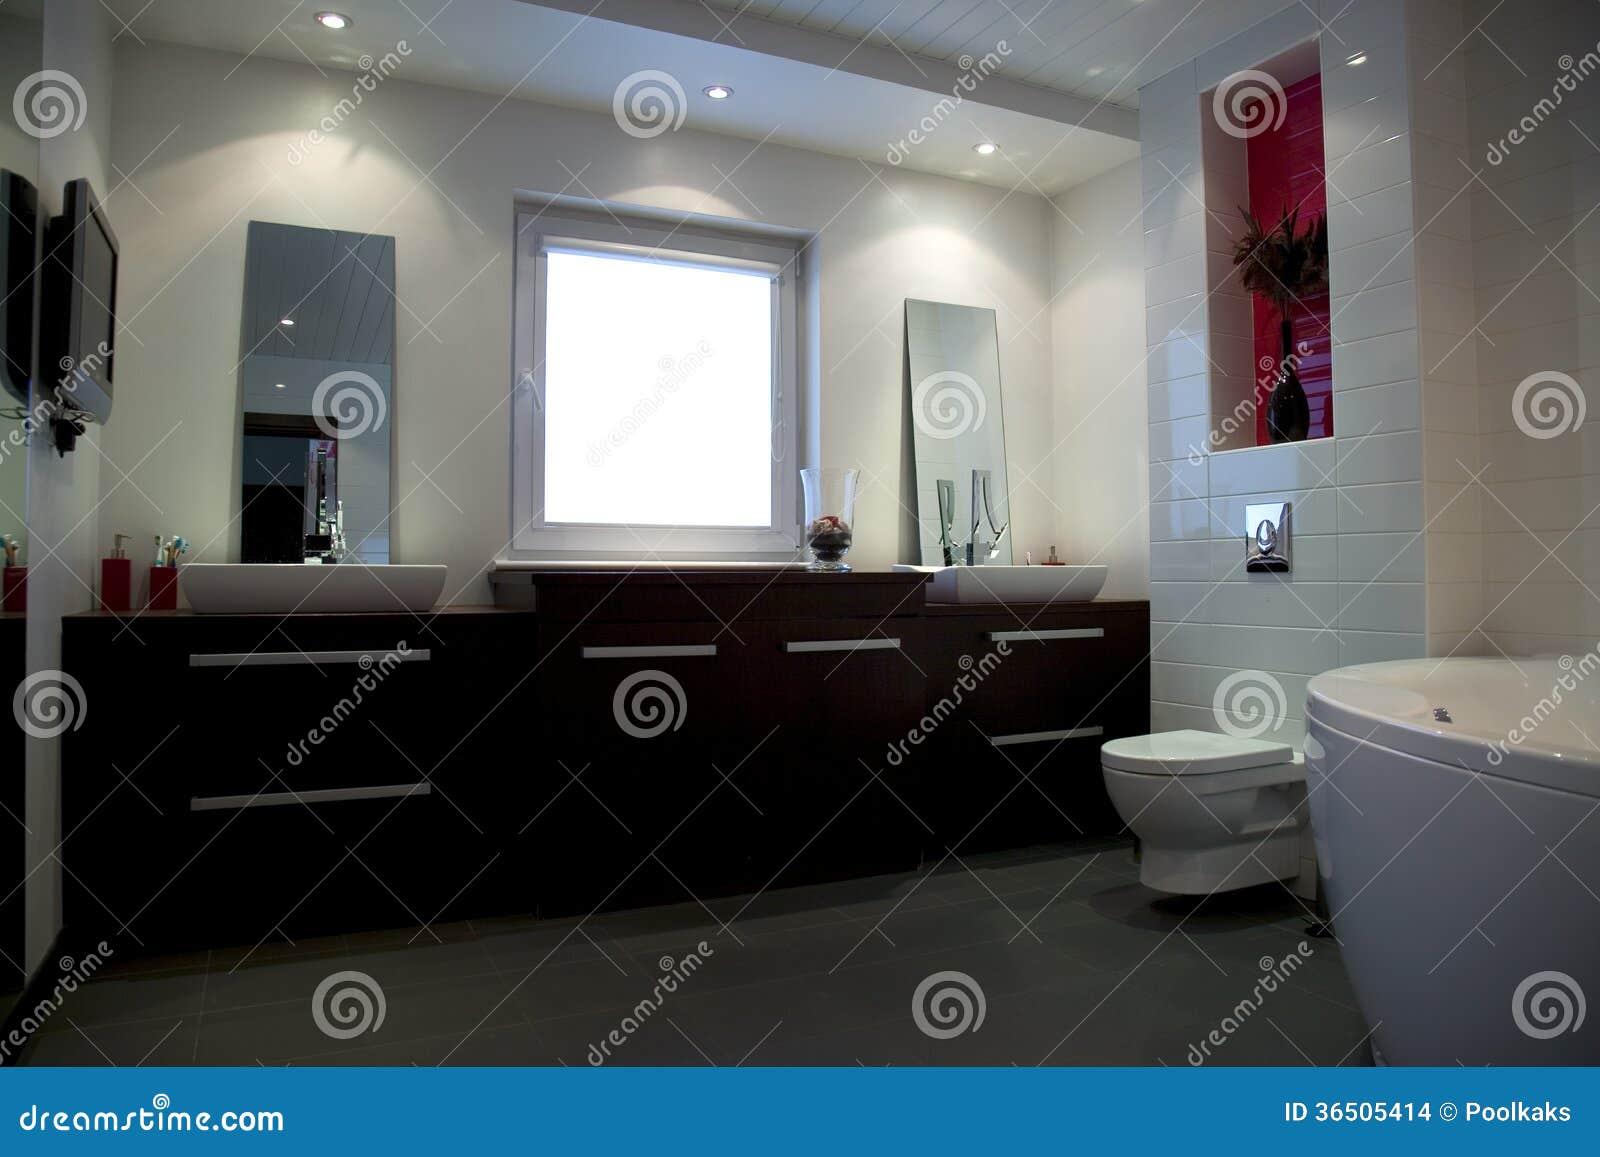 Banheiro Branco Moderno Com Mobília Marrom Imagens de Stock Imagem  #4F627C 1300x957 Banheiro Branco Moderno